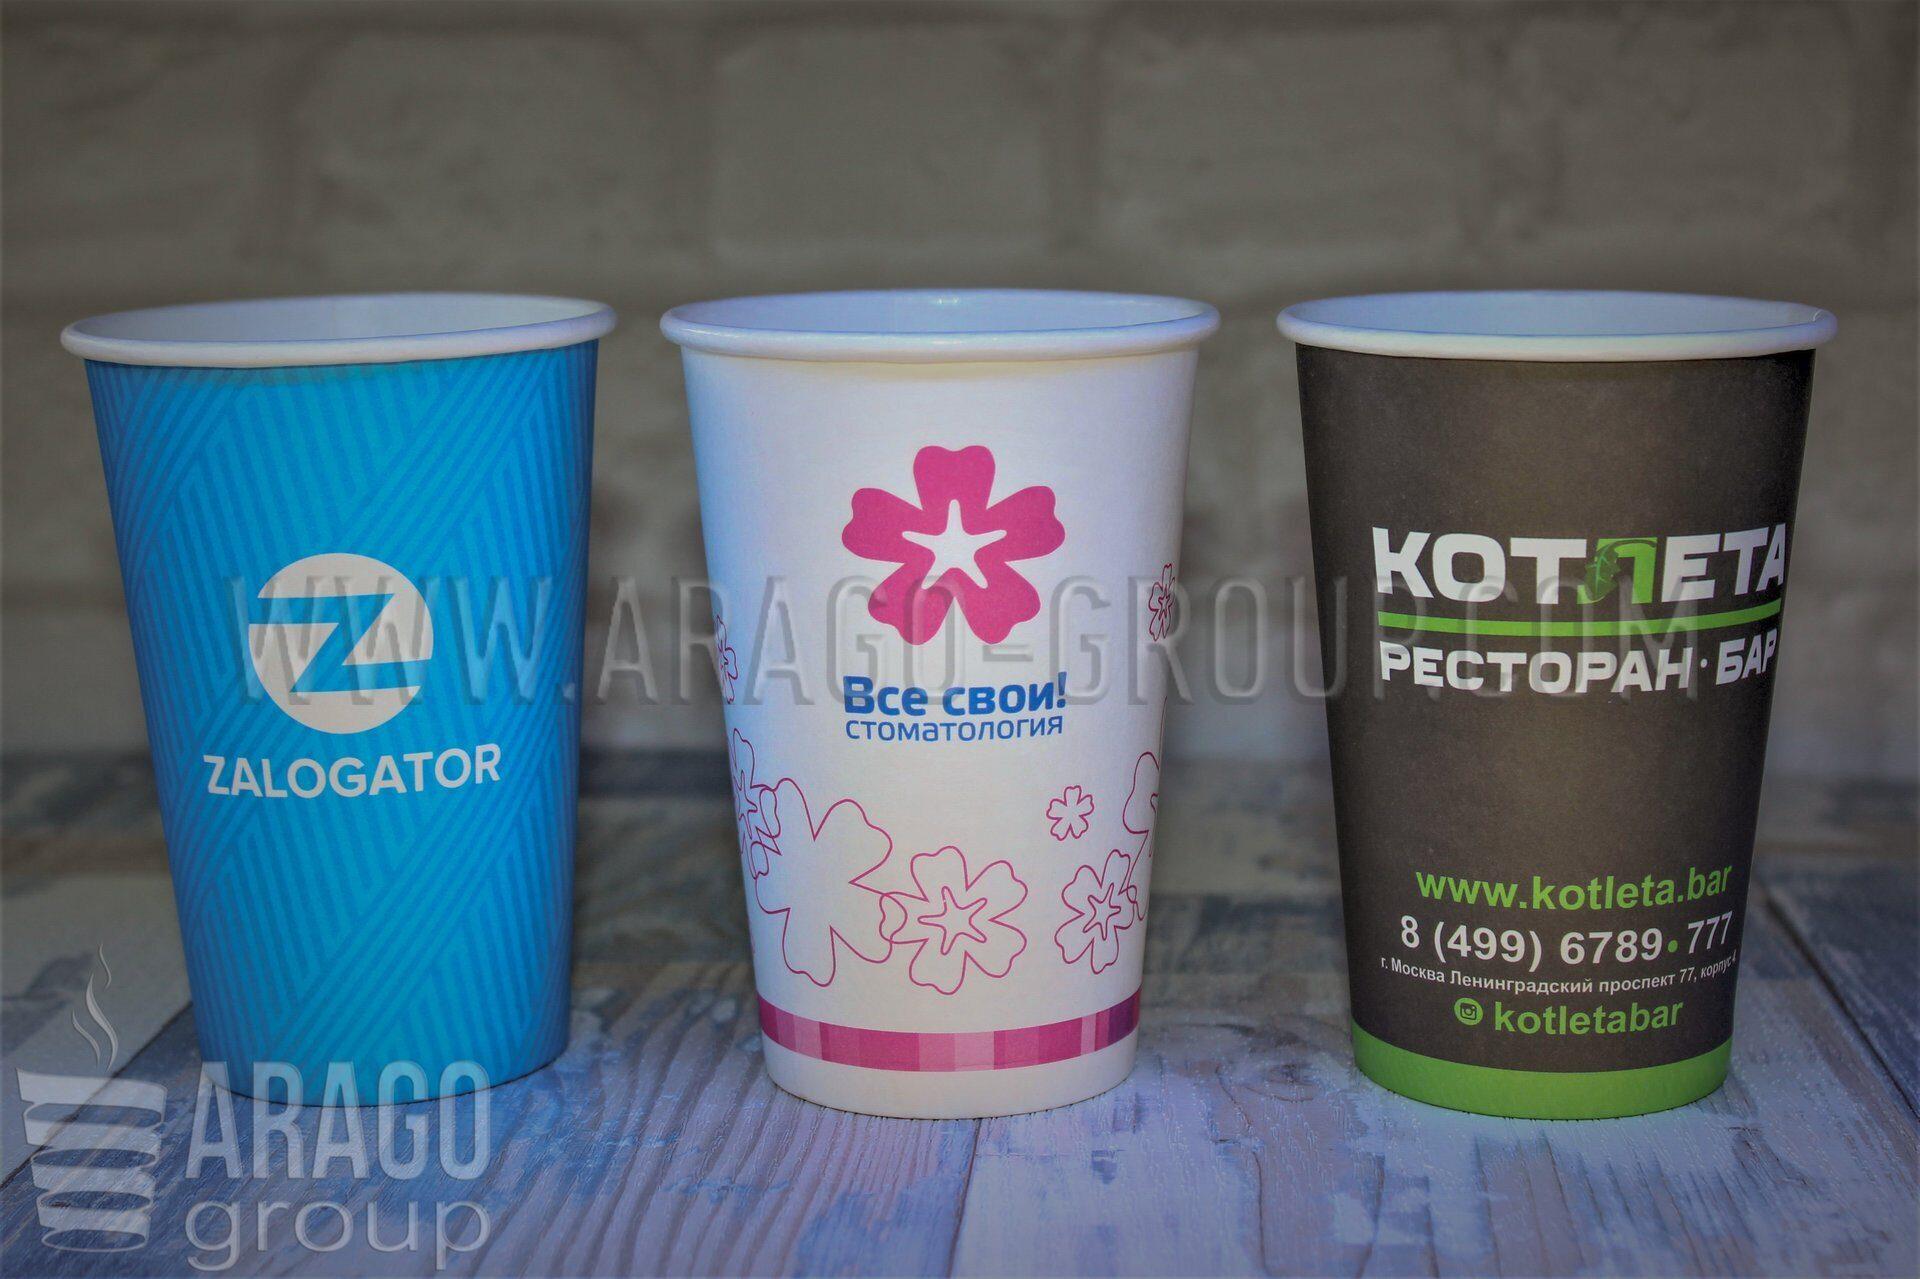 Бизнес-идея: Производство бумажных стаканчиков - VK